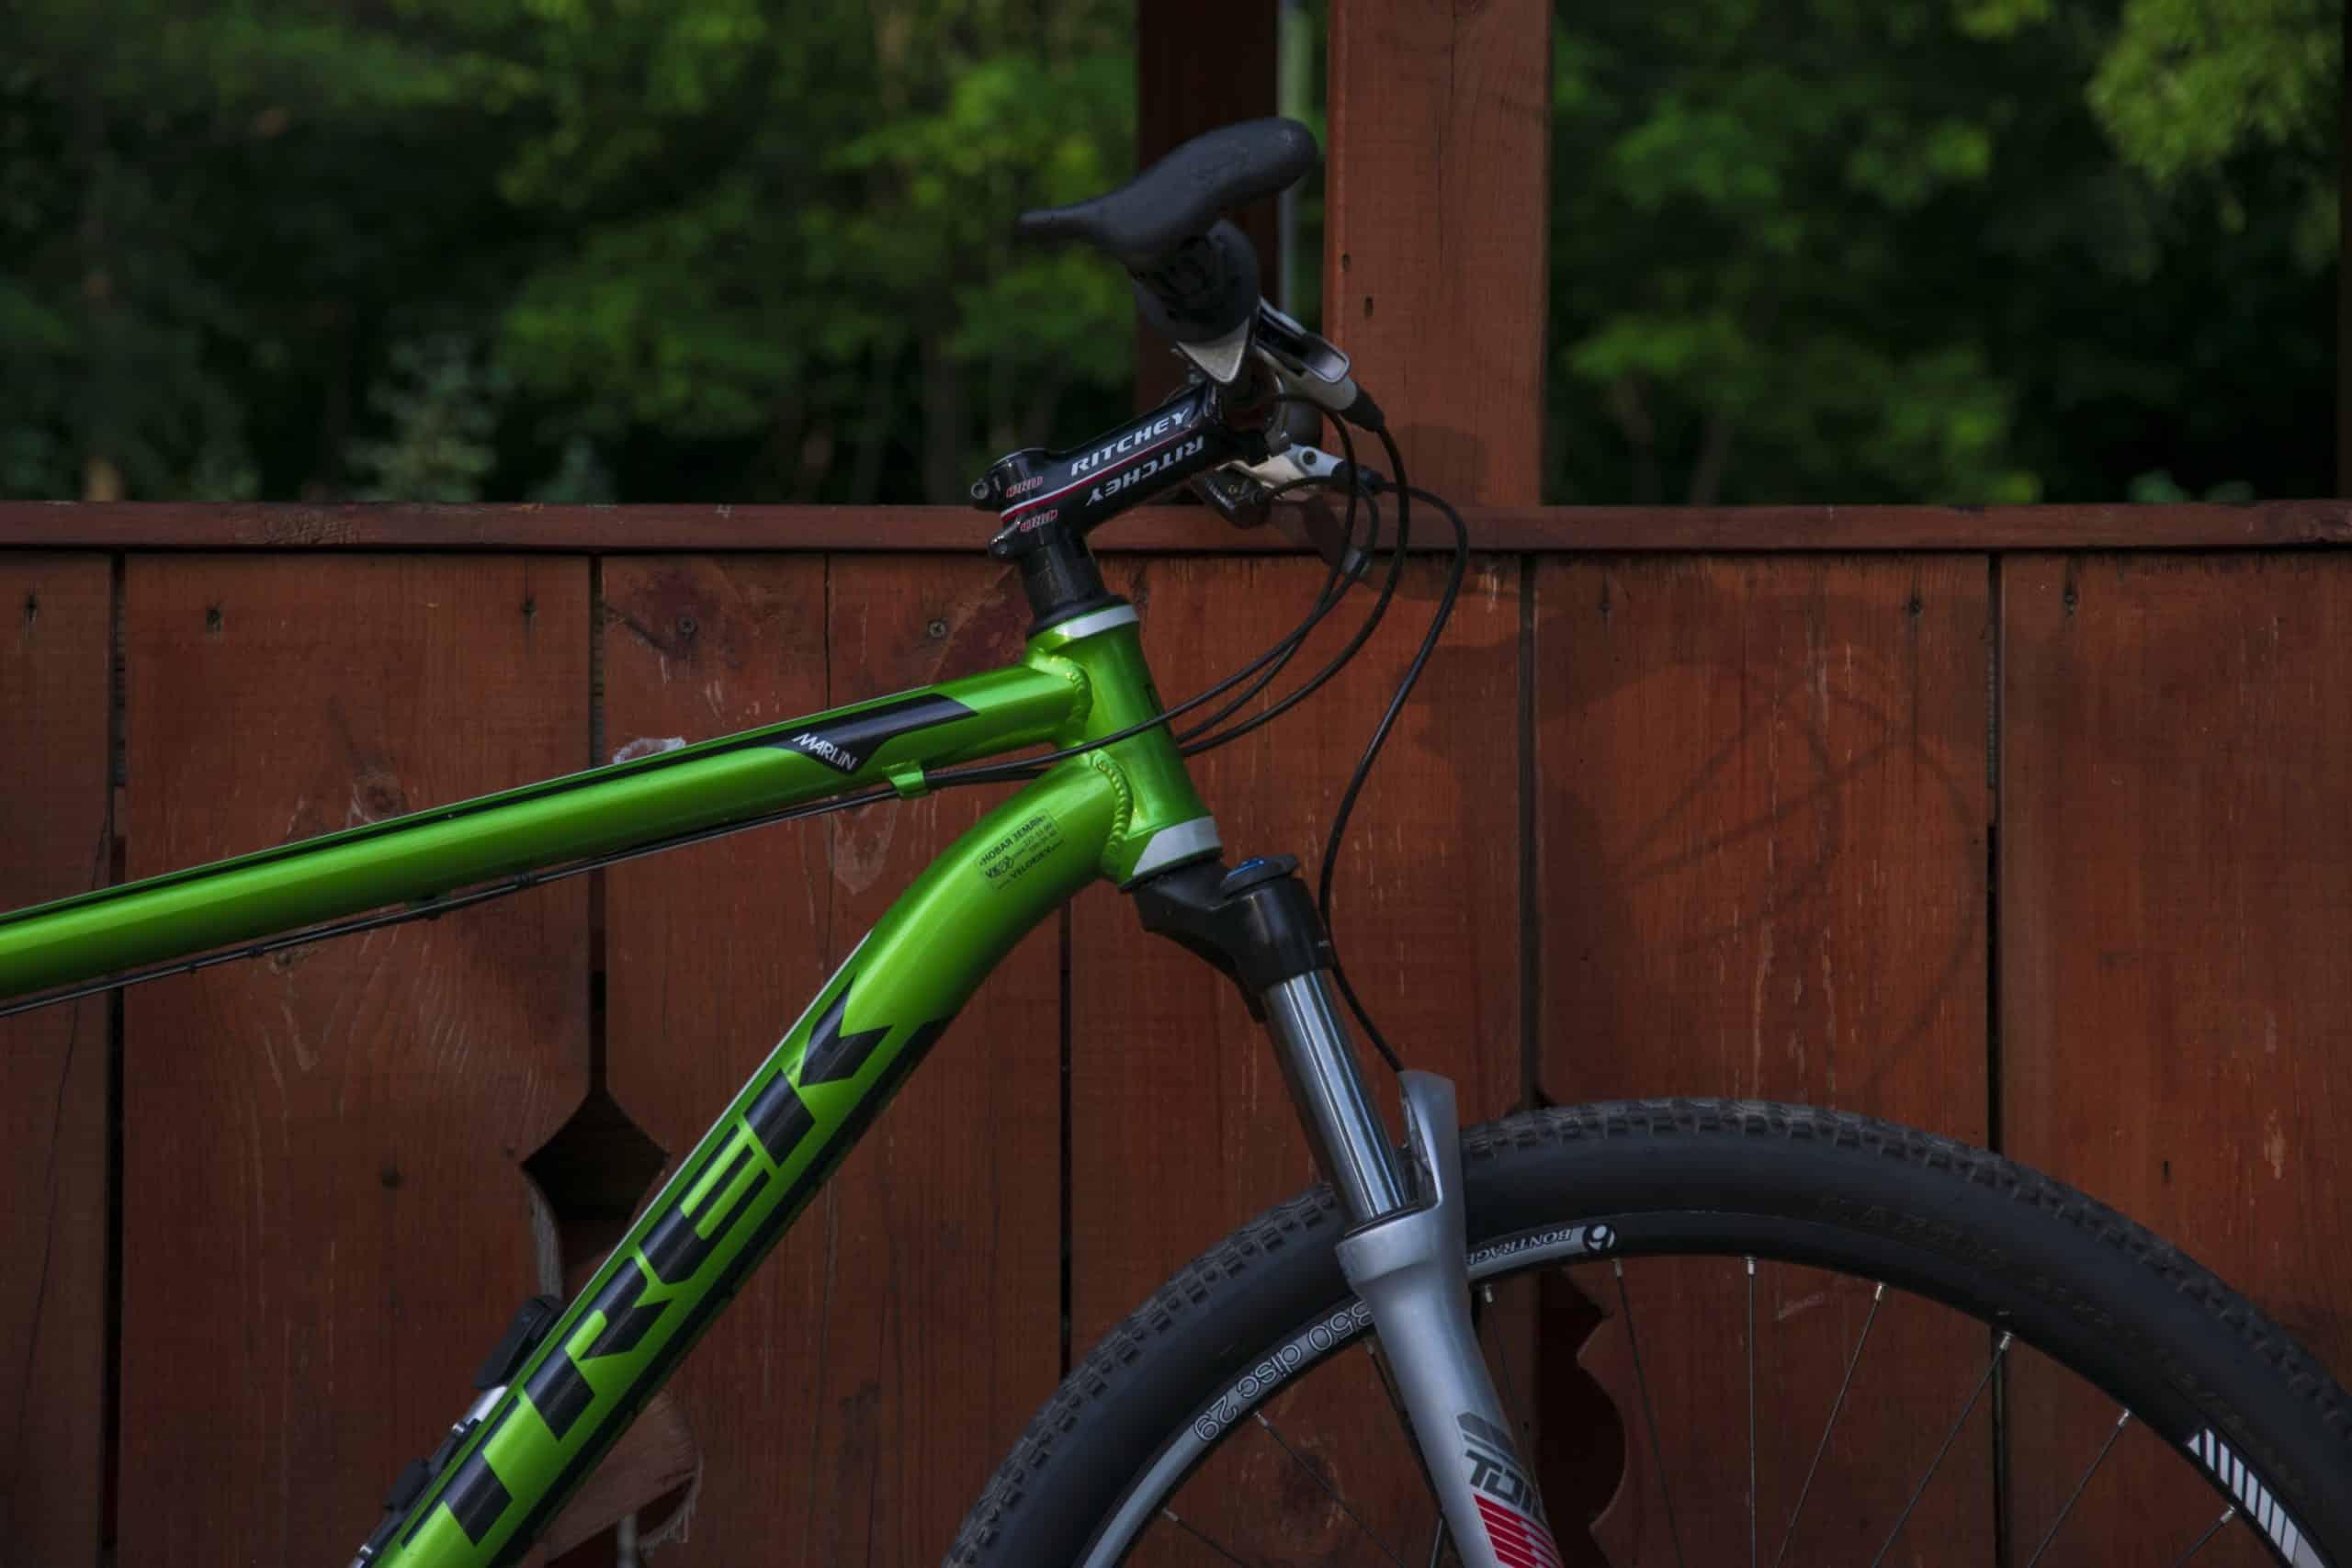 Wycieczka rowerowa w Warszawie – 4 najlepsze propozycje, które warto przetestować